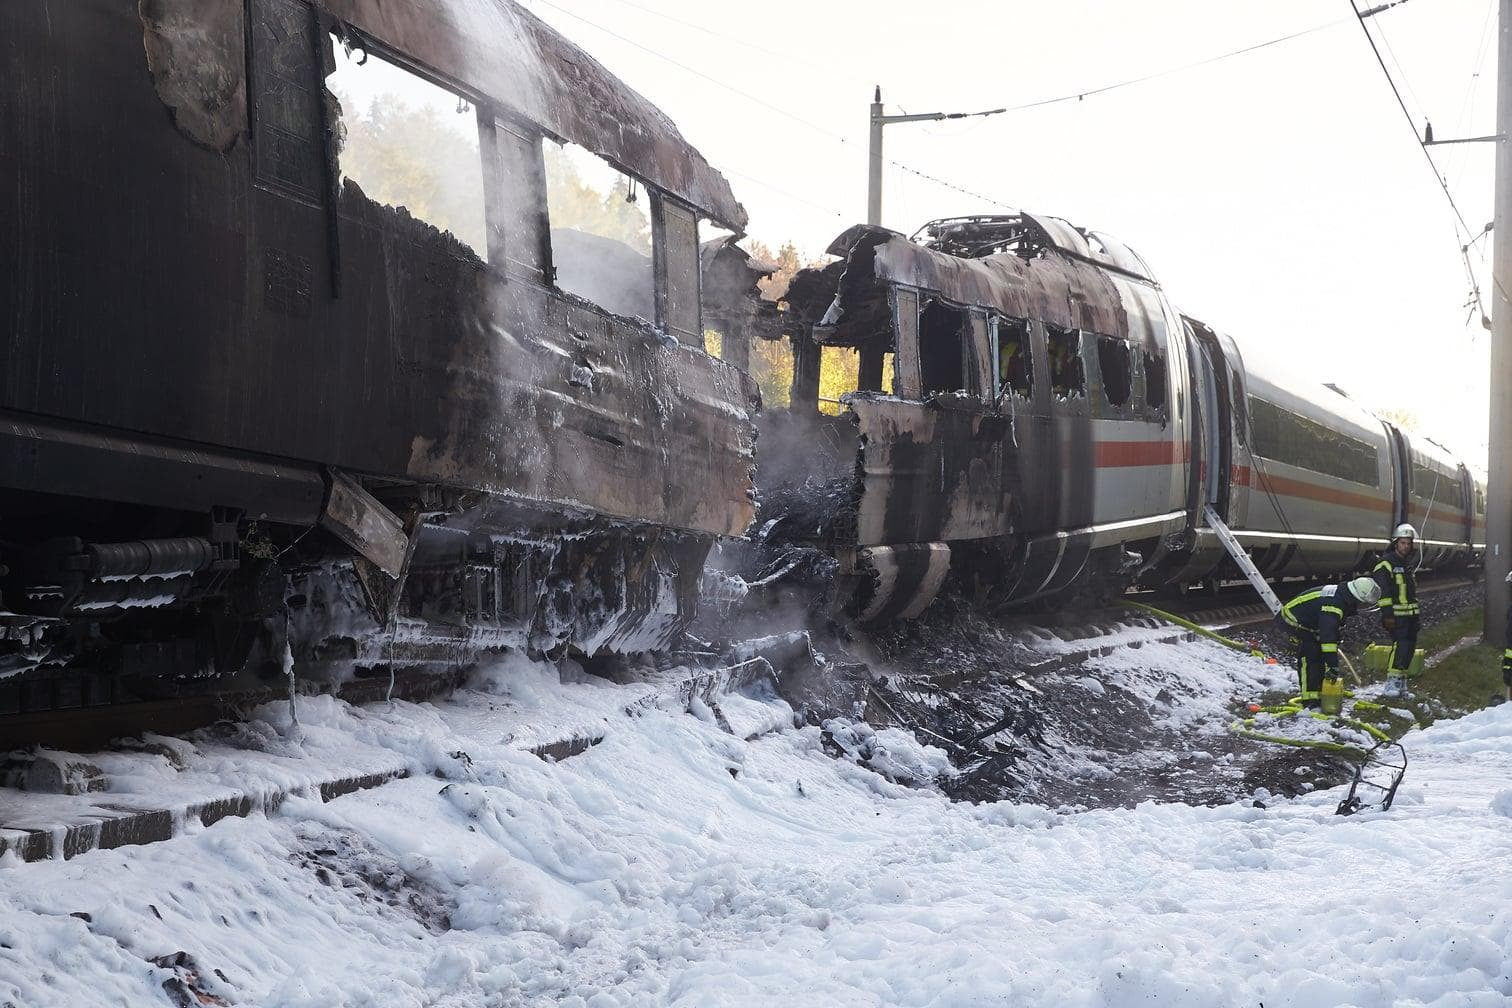 """sagte eine Sprecherin der Deutschen Bahn. Sie betonte aber: """"Diese Reparatur in einem anderen Wagen des Zuges steht in keinem Zusammenhang mit der Brandursache.""""</p> Foto: dpa/Thomas Frey"""